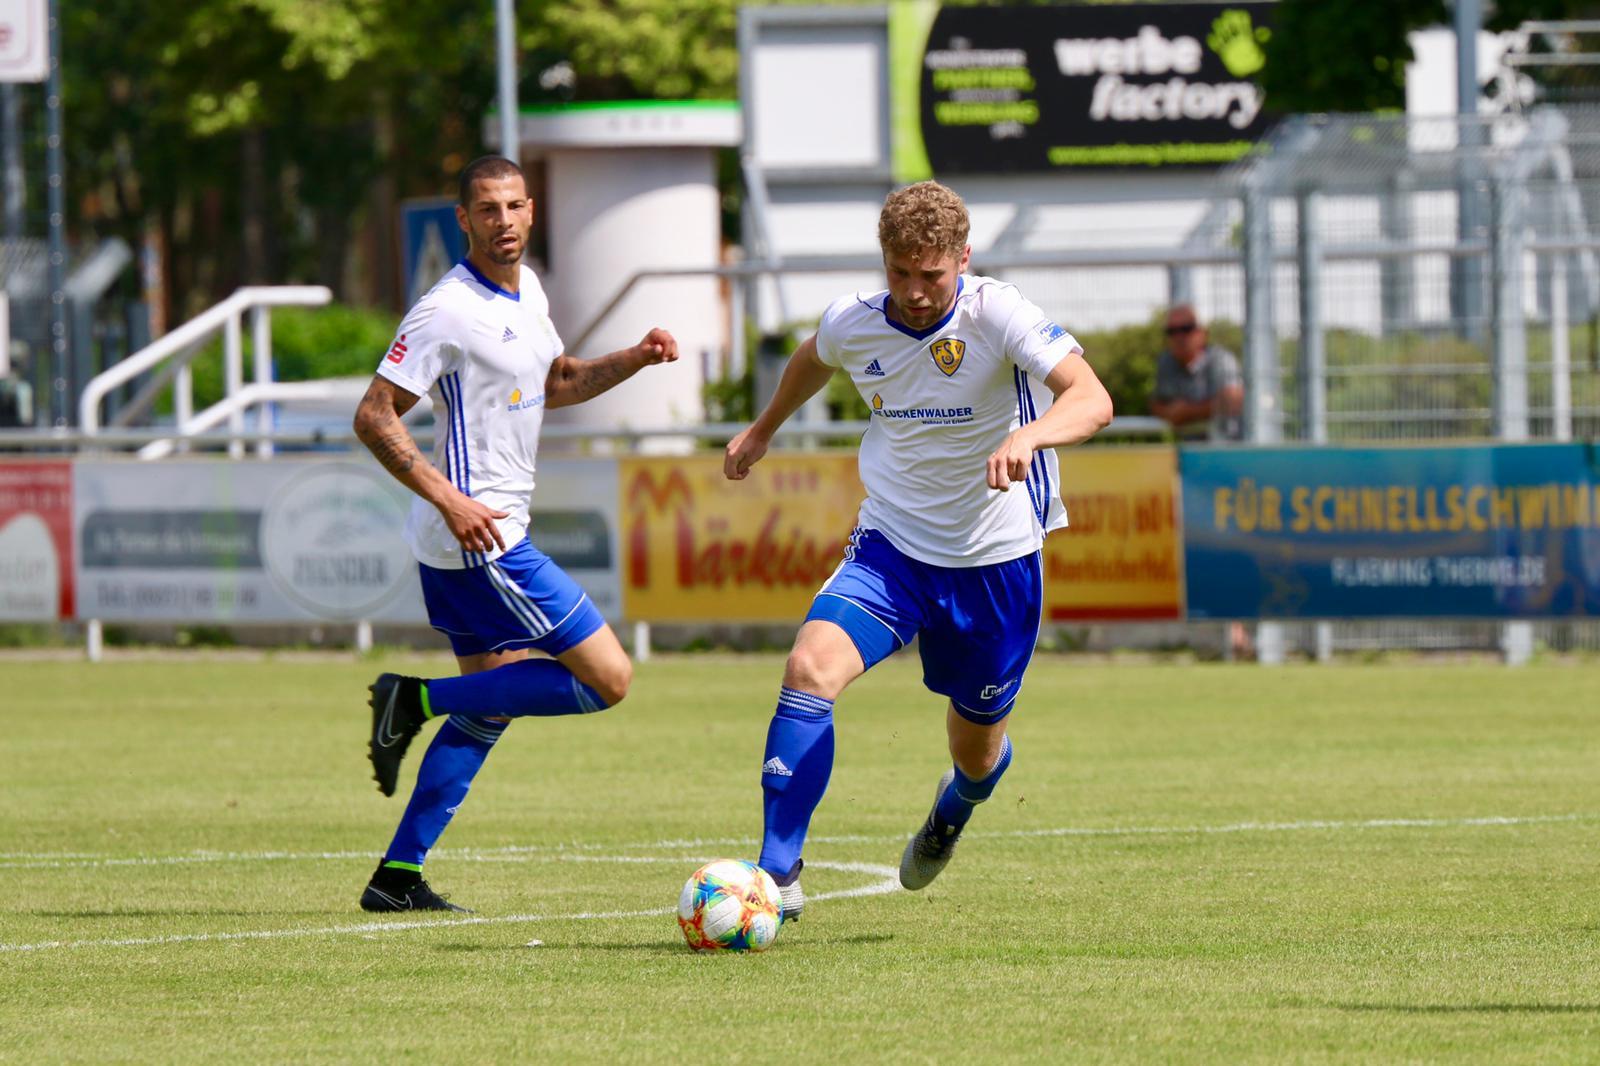 30.-Spieltag-FSV-63-Luckenwalde-VfL-05-Hohenstein-Ernstthal-11